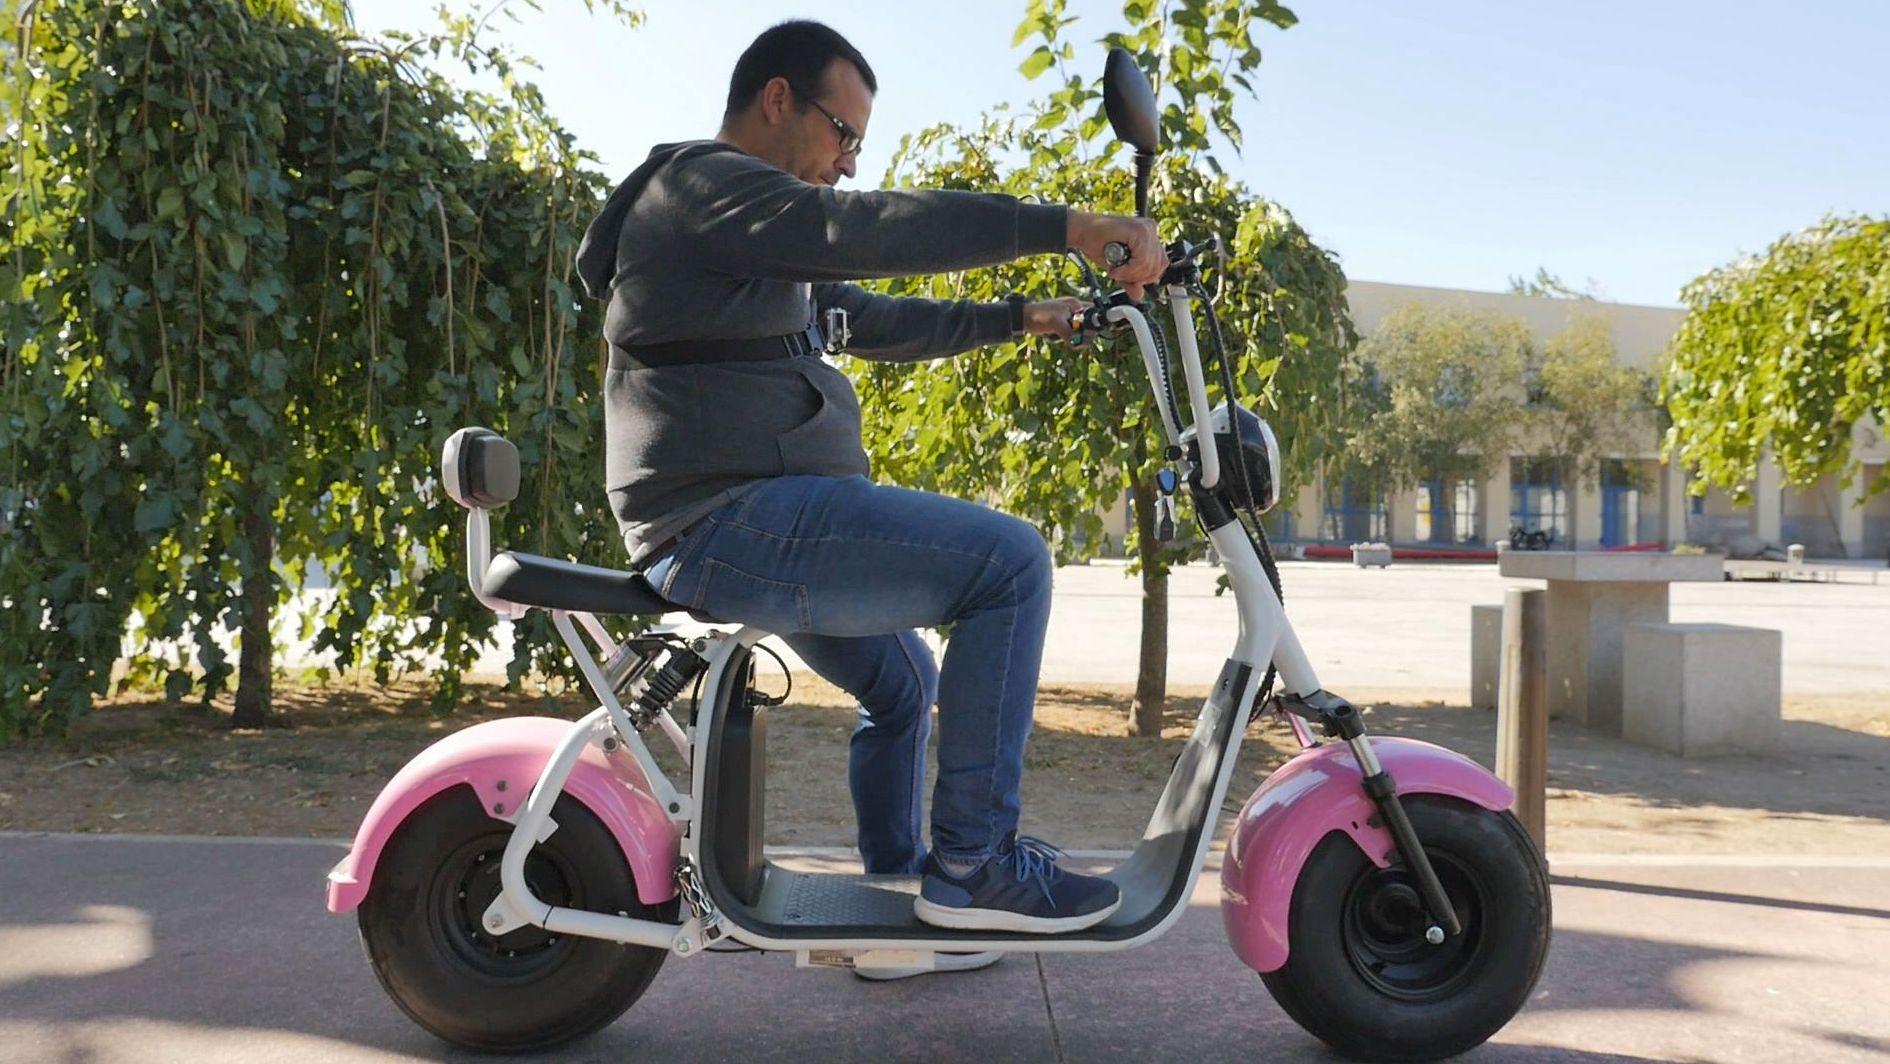 El modelo de la foto es un scooter, también eléctrico, que puede pasar de los 60 por hora